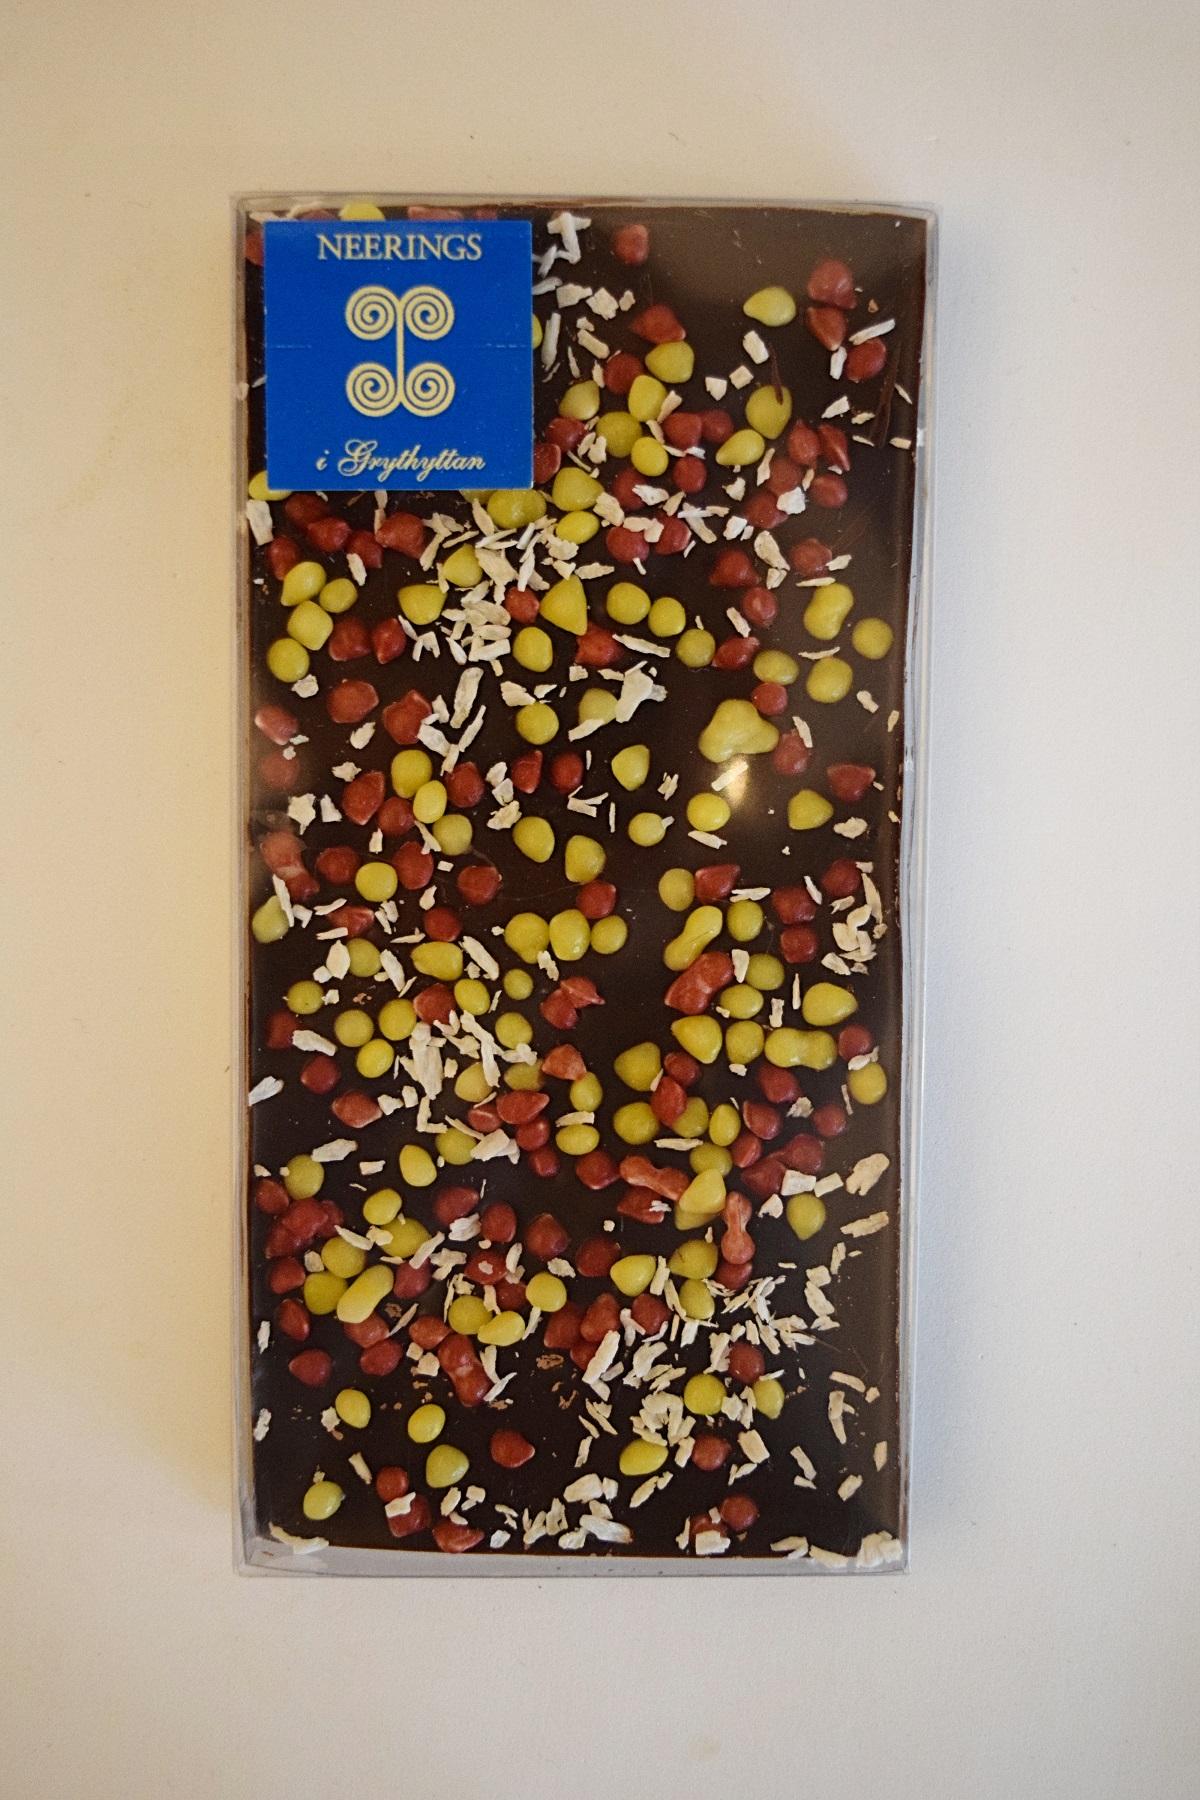 Mörk chokladkaka hot hawaii